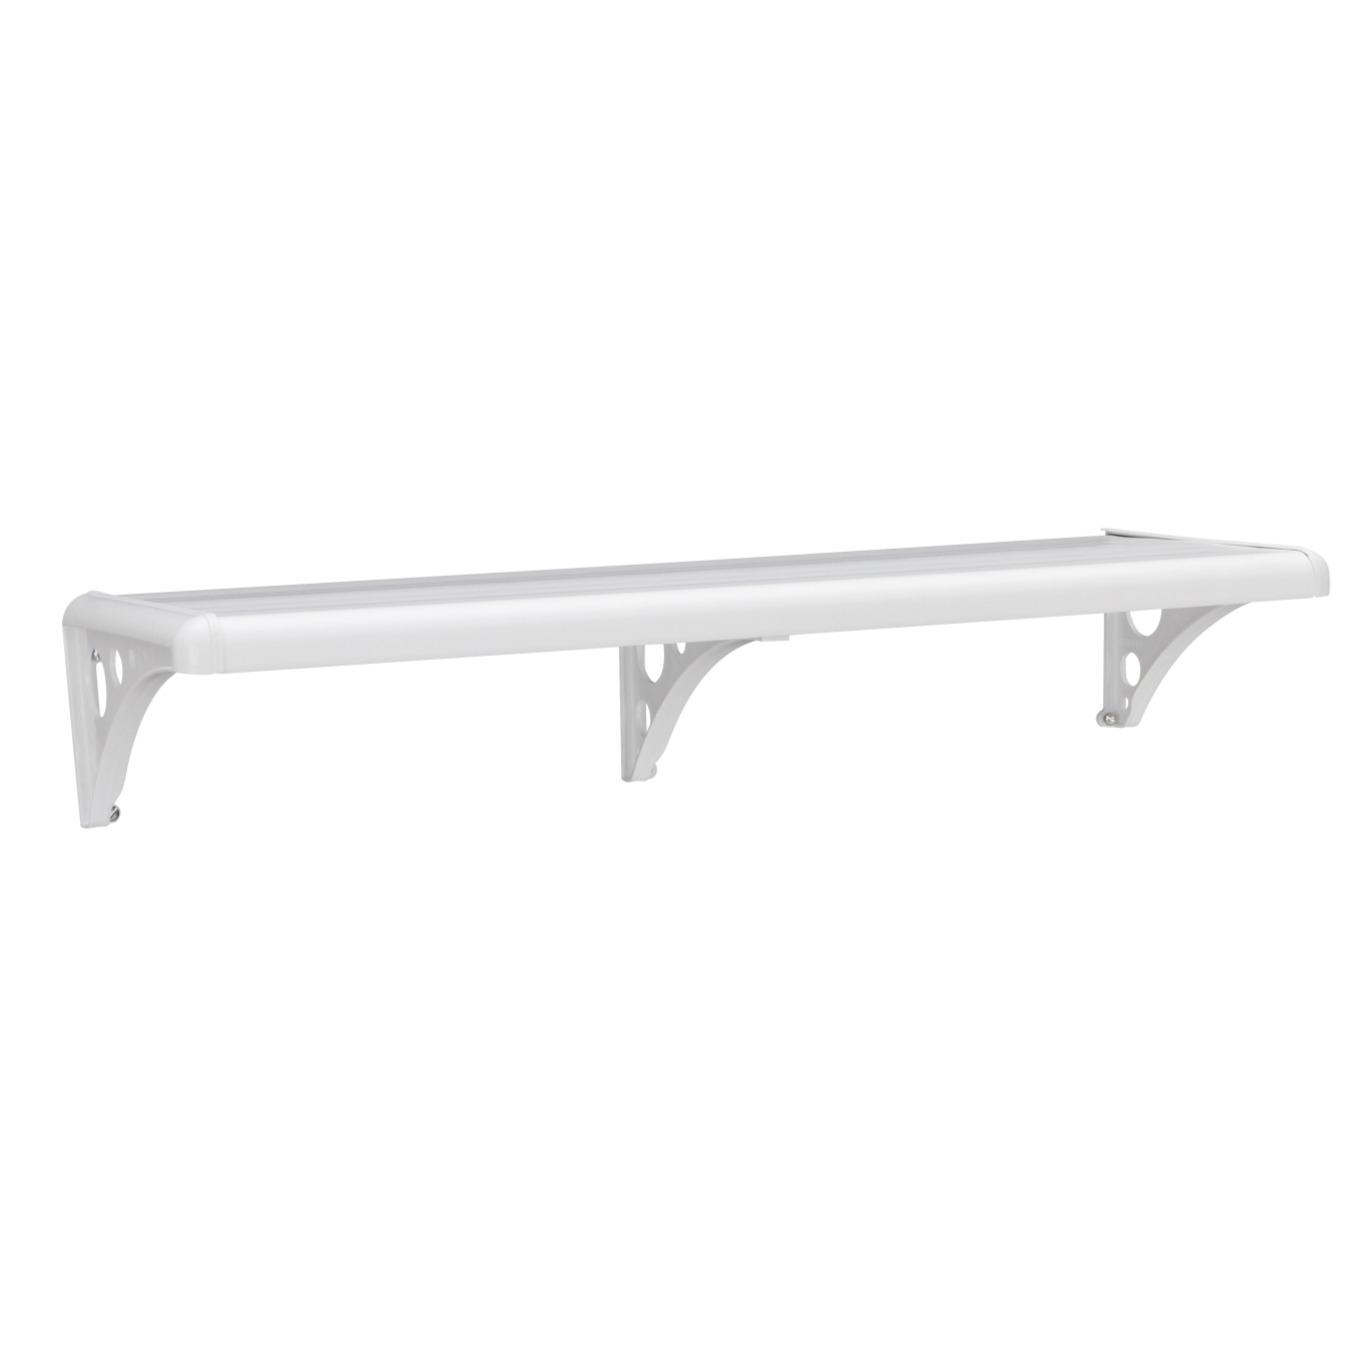 Prateleira Borda Arredondada de Plastico PVC com Suporte 305 x 1235 x 5cm Branco - Astra